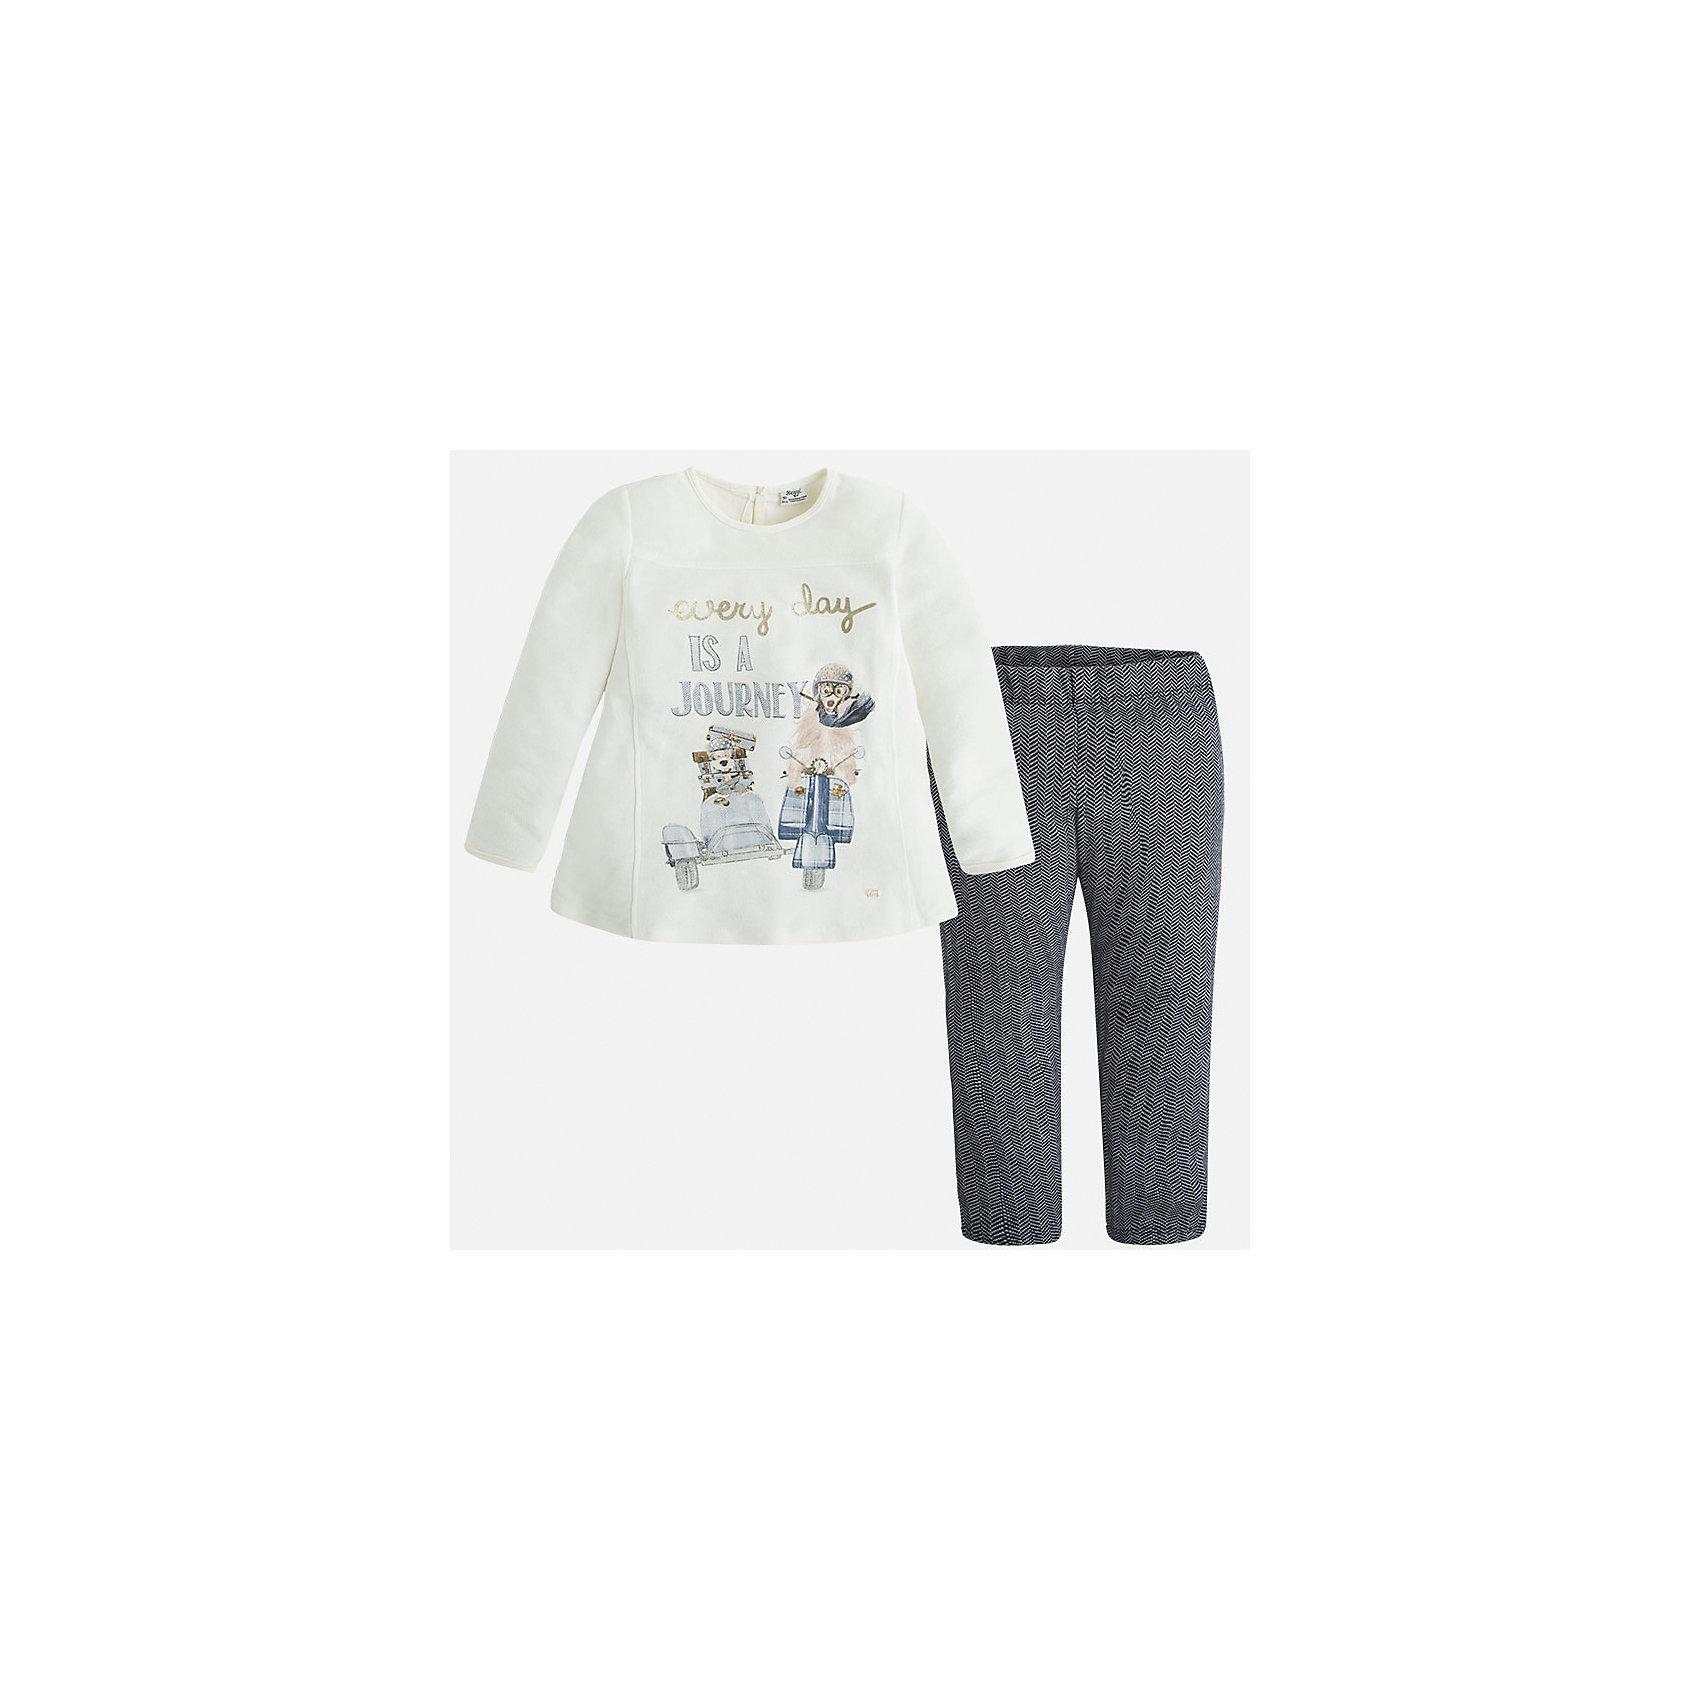 Комлект для девочки: футболка и леггинсы MayoralКомплекты<br>Стильный комплект от Mayoral состоит из футболки с длинным рукавом и леггинсов контрастной расцветки. Футболка оформлена оригинальным принтом с объемными элементами и вышивкой. Леггинсы из ткани в рубчик отлично облегают фигуру, не вытягиваются во время стирки и носки. Комплект выполнен из натурального хлопка, прекрасно пропускает воздух, очень приятен к телу.  <br><br>Дополнительная информация:<br><br>- Мягкий трикотажный материал. <br>- Комплектация: леггинсы, футболка. <br>- Округлый вырез горловины. <br>- Футболка застегивается на пуговицу сзади. <br>- Оригинальный принт спереди. <br>- Леггинсы на поясе с резинкой.<br>Состав:<br>- 100% хлопок.<br><br>Комплект: футболку и леггинсы для девочки Mayoral (Майорал), белый/темно-синий, можно купить в нашем магазине.<br><br>Ширина мм: 123<br>Глубина мм: 10<br>Высота мм: 149<br>Вес г: 209<br>Цвет: синий<br>Возраст от месяцев: 60<br>Возраст до месяцев: 72<br>Пол: Женский<br>Возраст: Детский<br>Размер: 116,98,128,134,122,110,104<br>SKU: 4844978